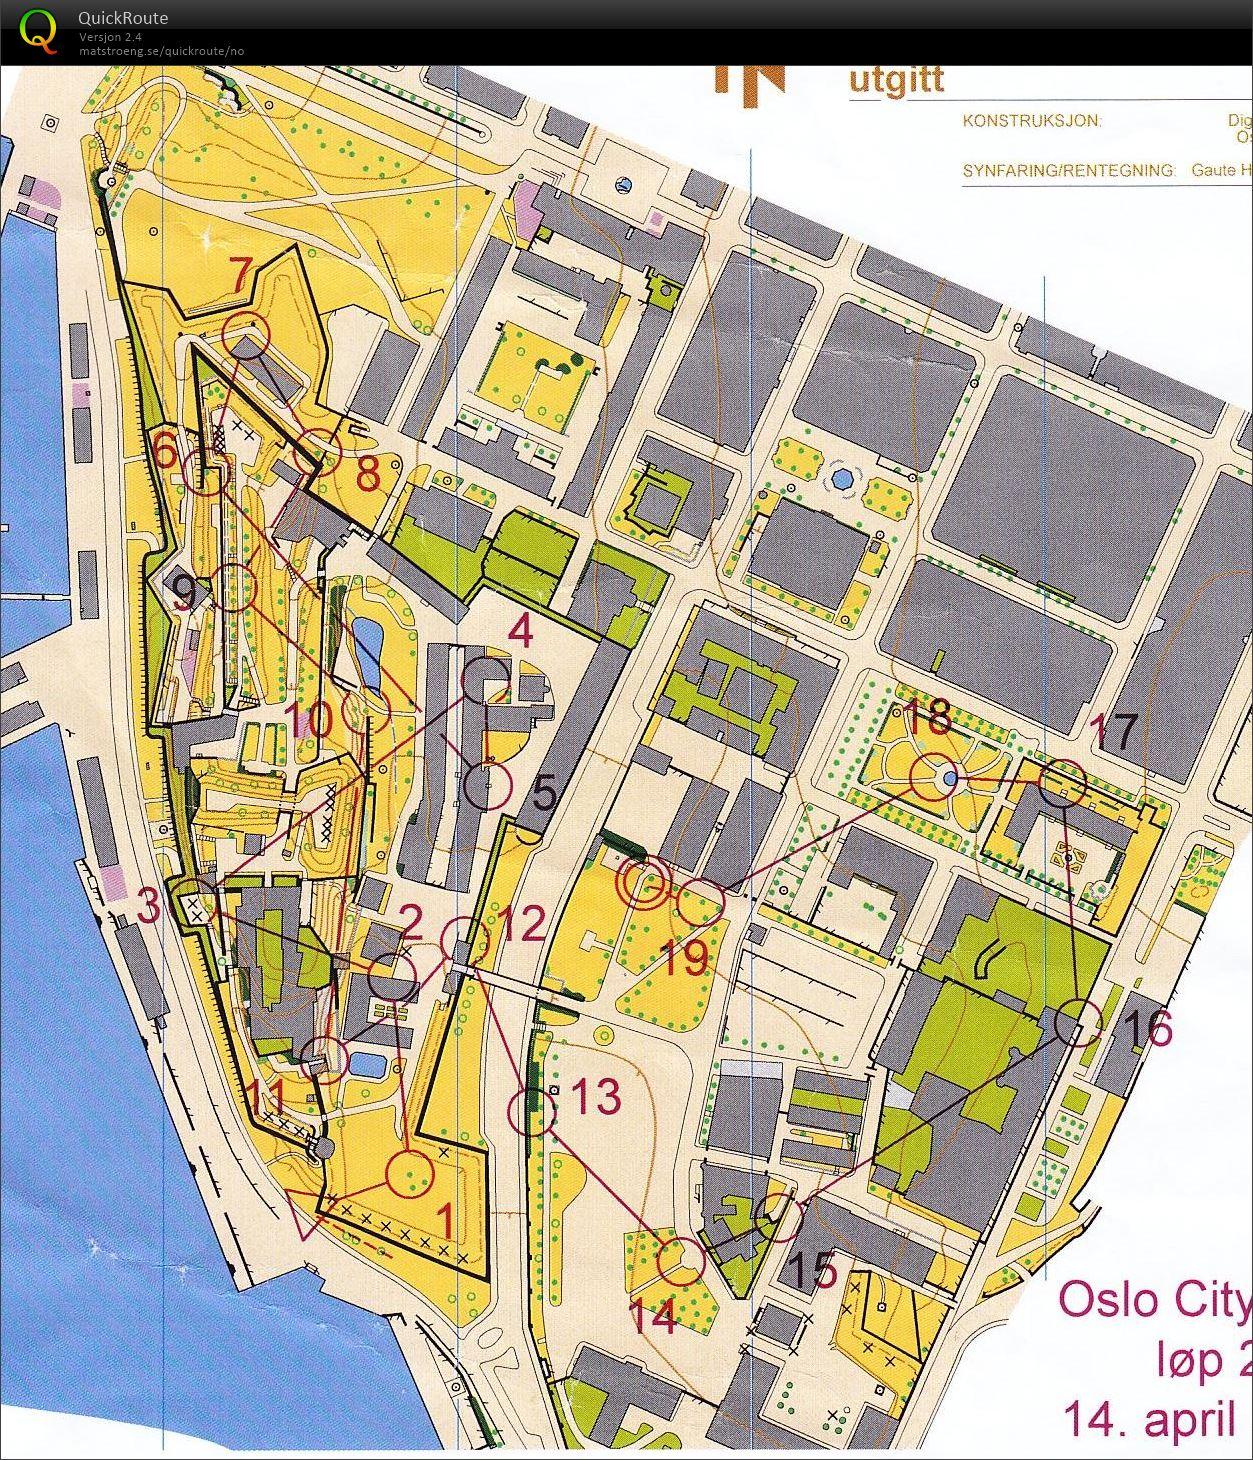 kart akershus festning OCC 2 Akershus Festning H16   April 14th 2015   Orienteering Map  kart akershus festning